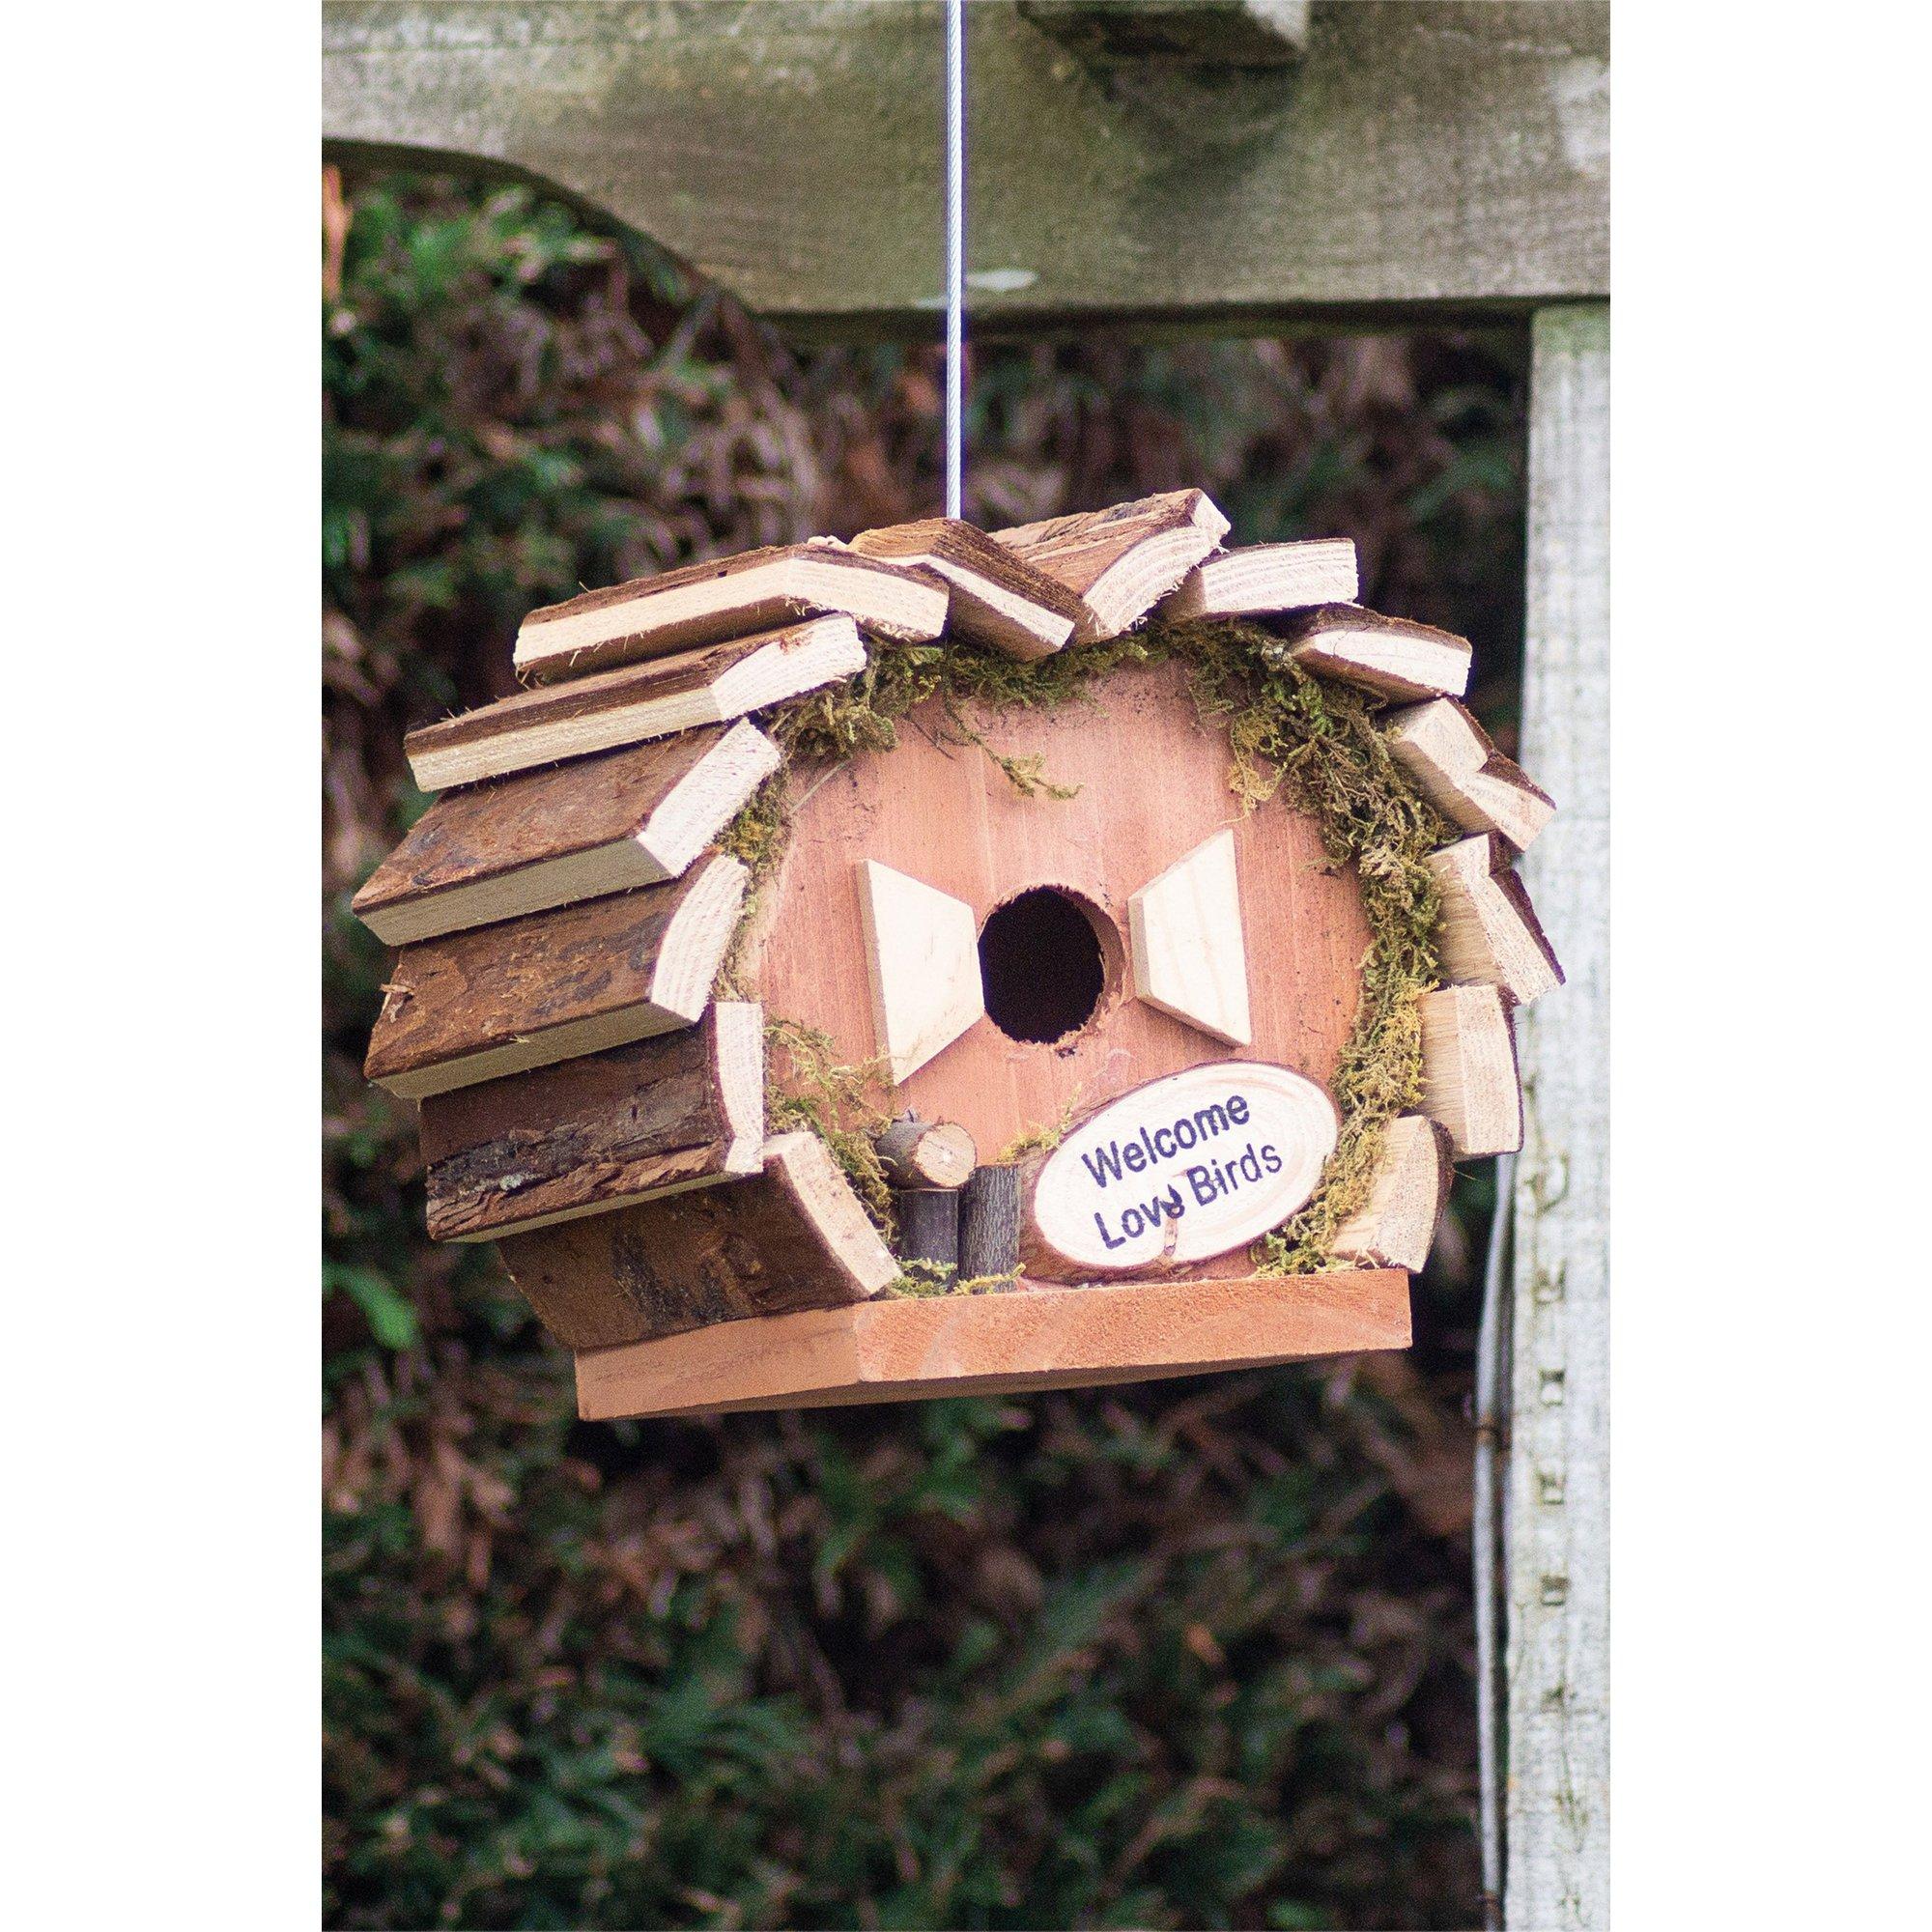 Image of Garden Handmade Nesting Bird House